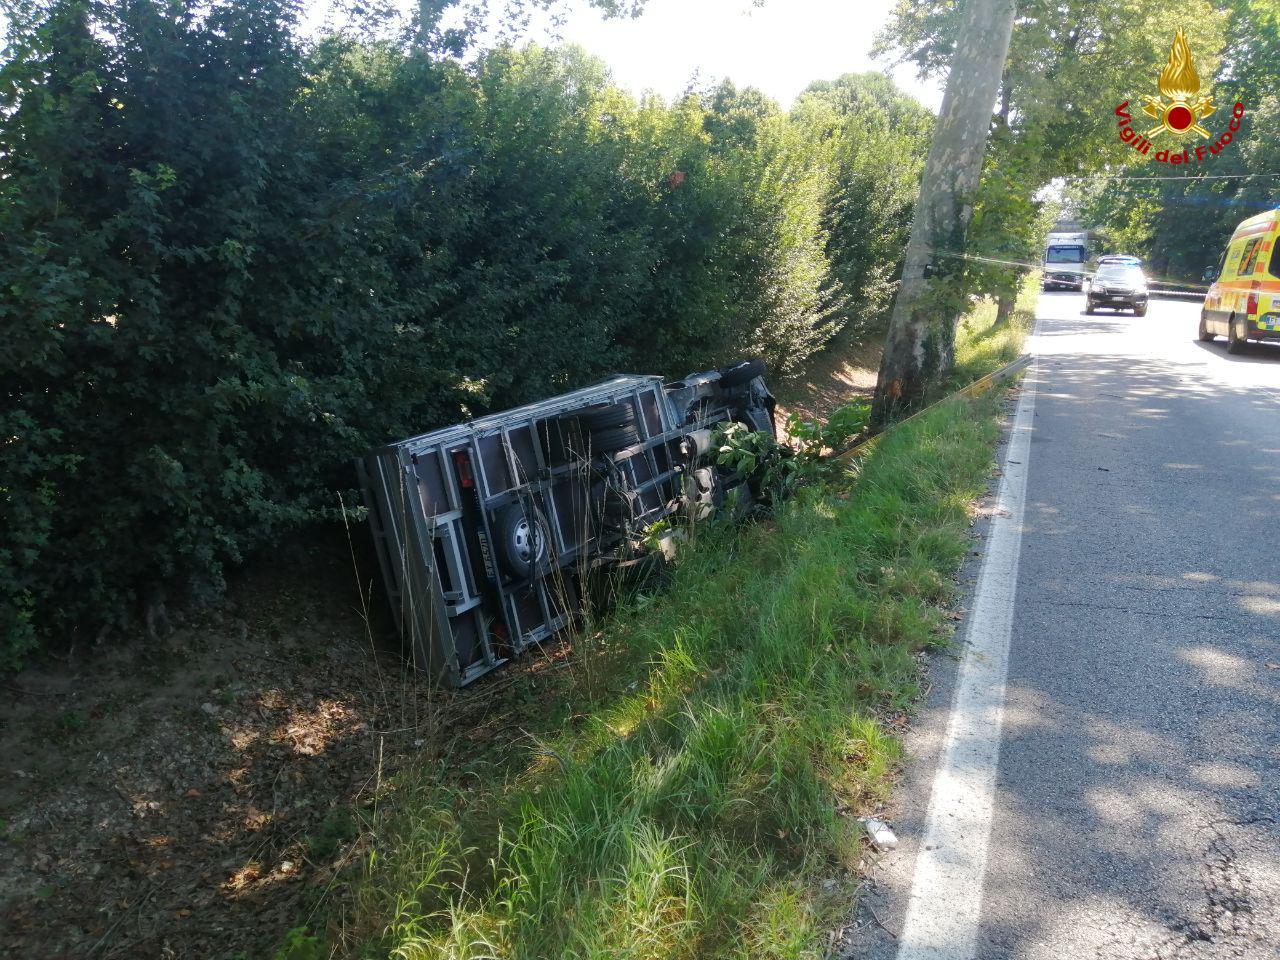 Incidente Lughignano, camioncino esce di strada e si rovescia: un ferito